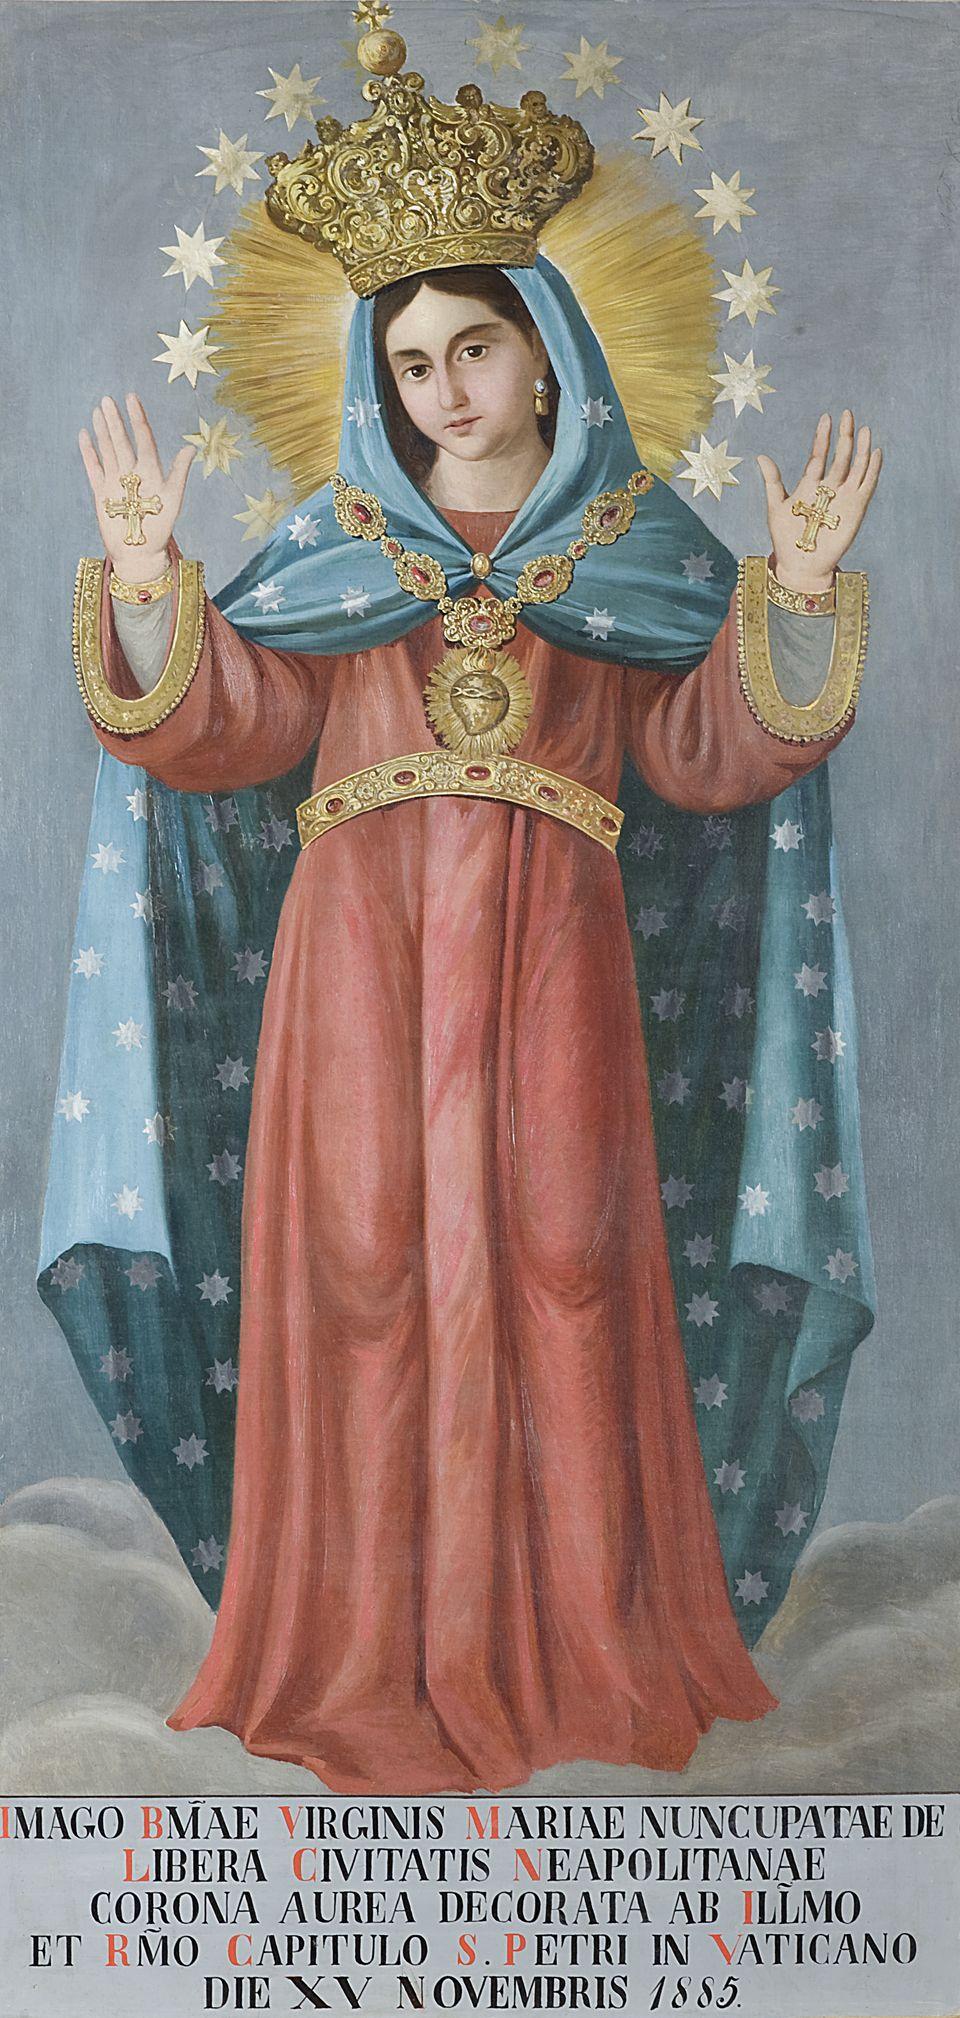 Maria Santissima della Libera. Apparsa a Benevento il 2 luglio 663 che  liberò la città da un assedio. La Madonna apparve con la cro…   Mama mary,  Virgin mary, Image